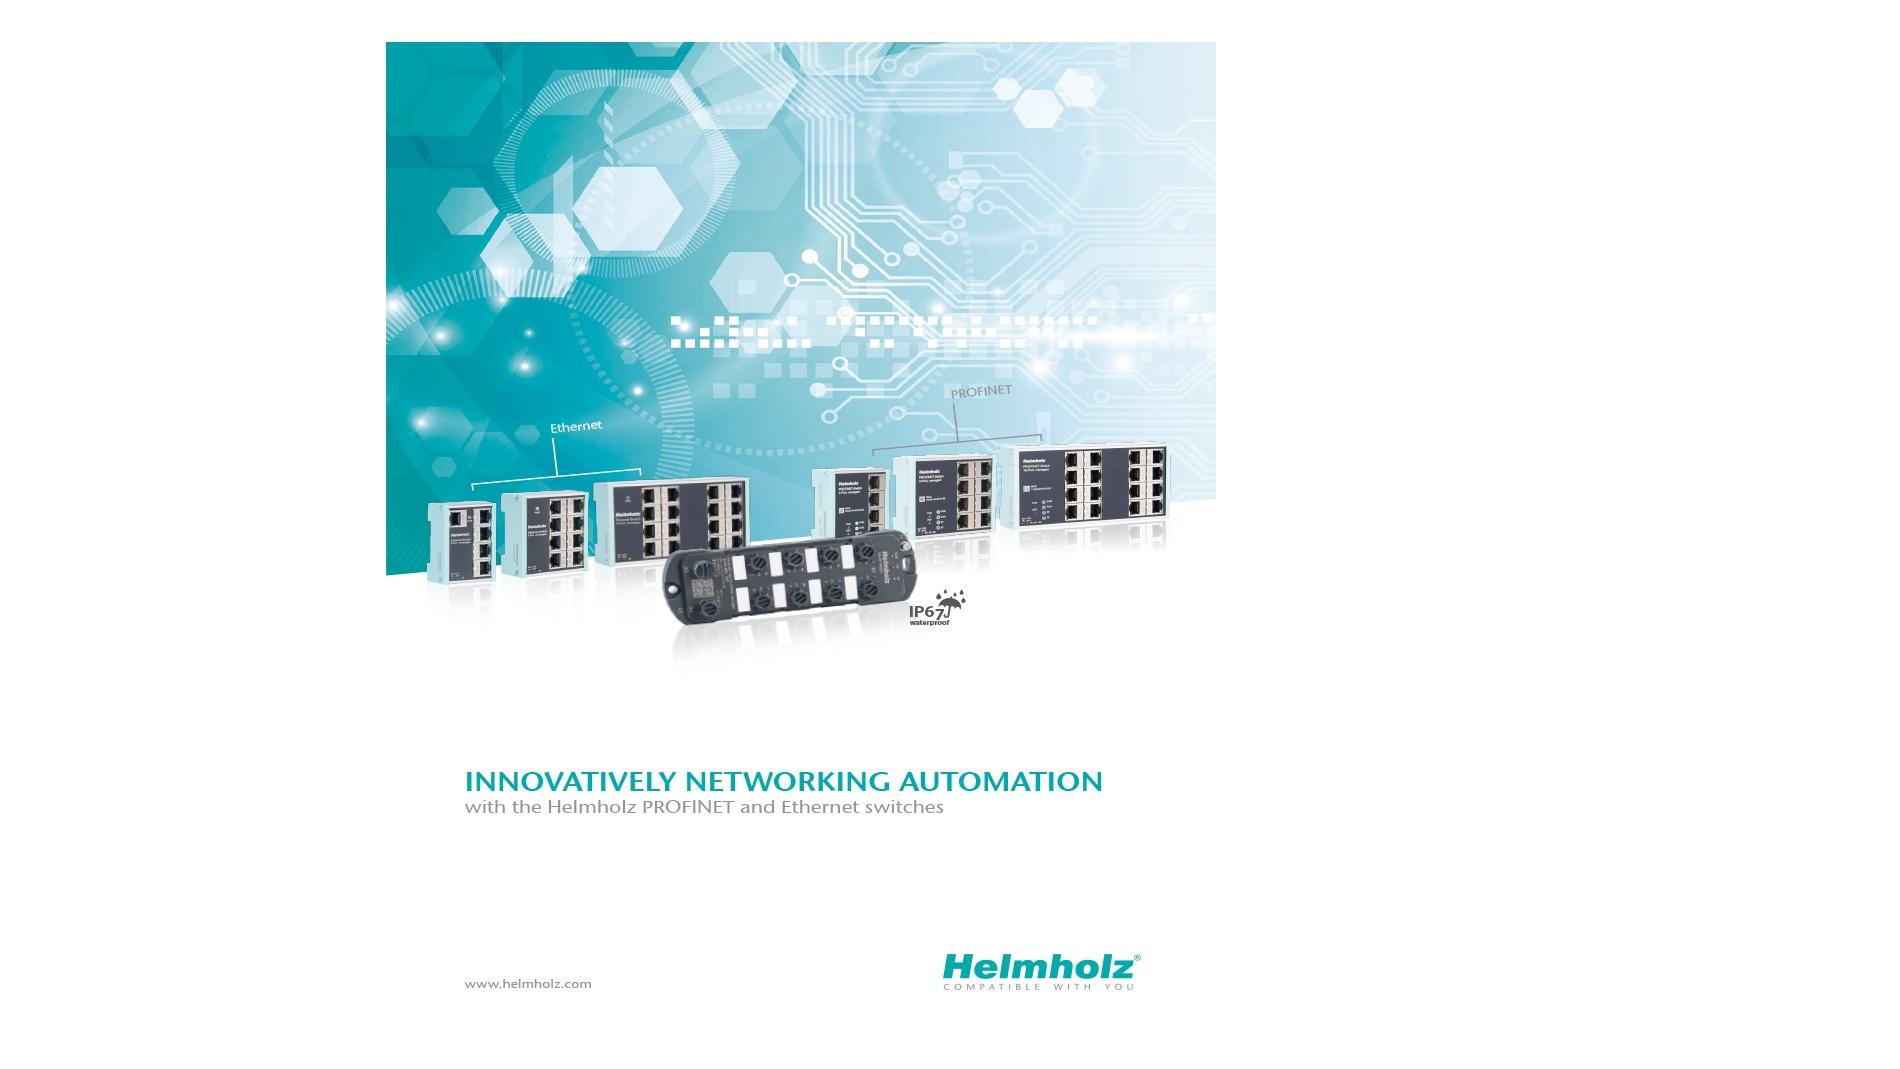 Helmholz: confronto tra PROFINET switch rispetto agli switch tradizionali